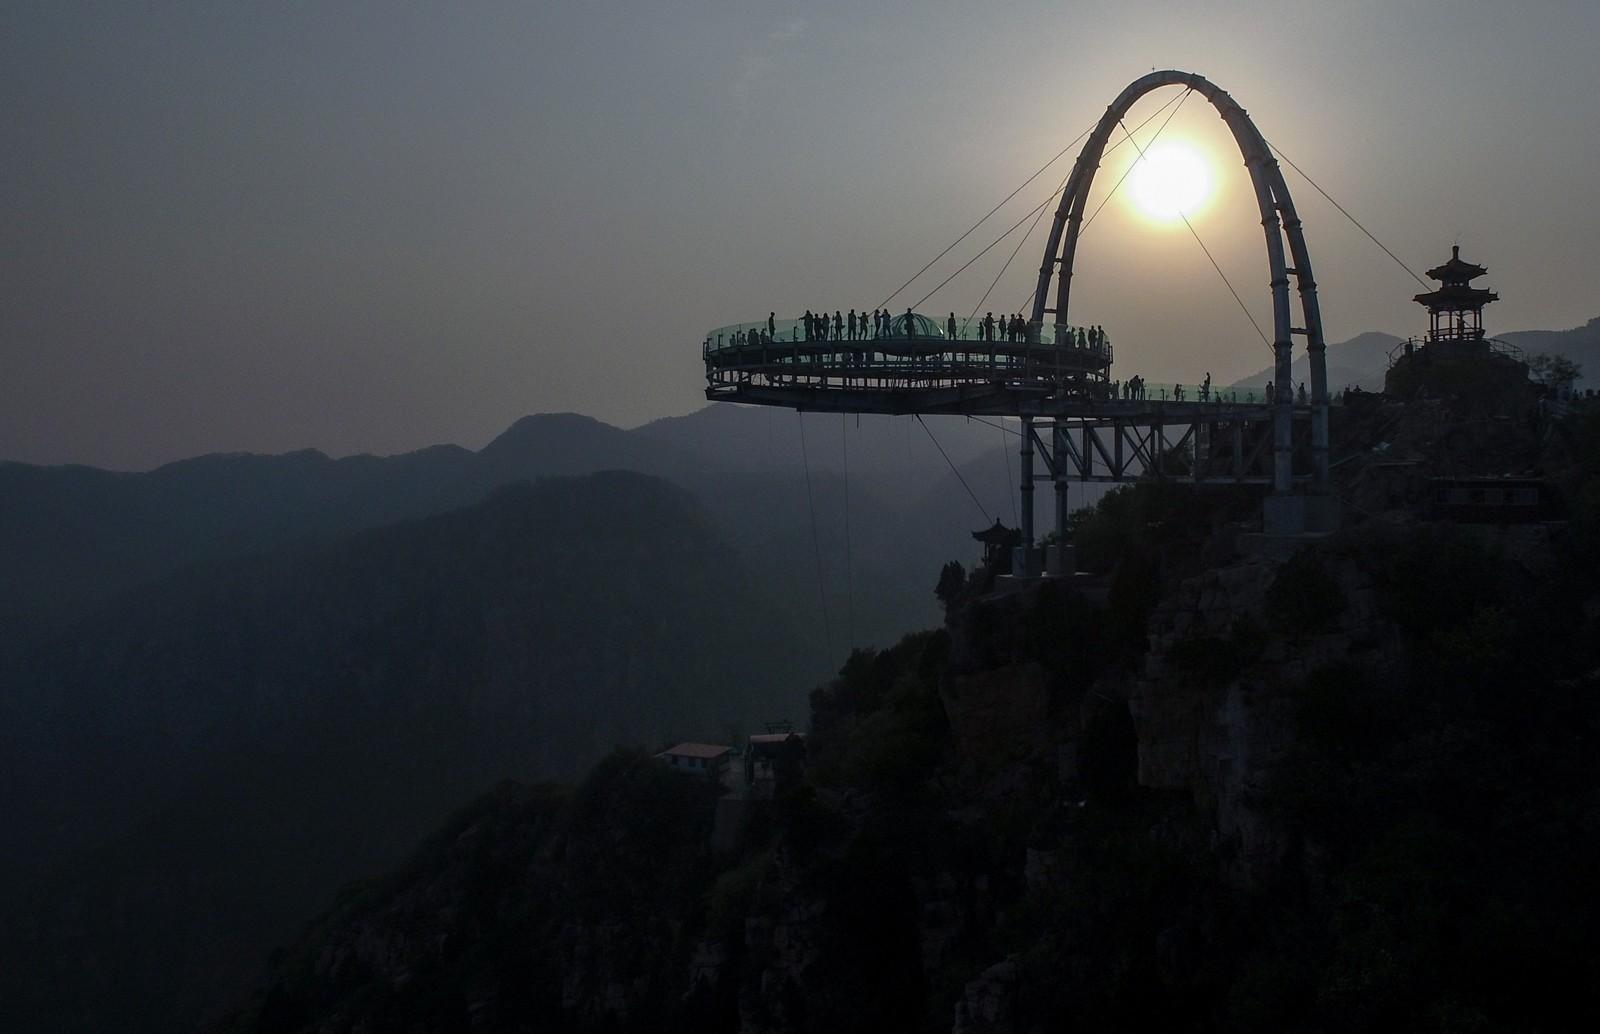 World's longest glass bridge ready to open in Hebei